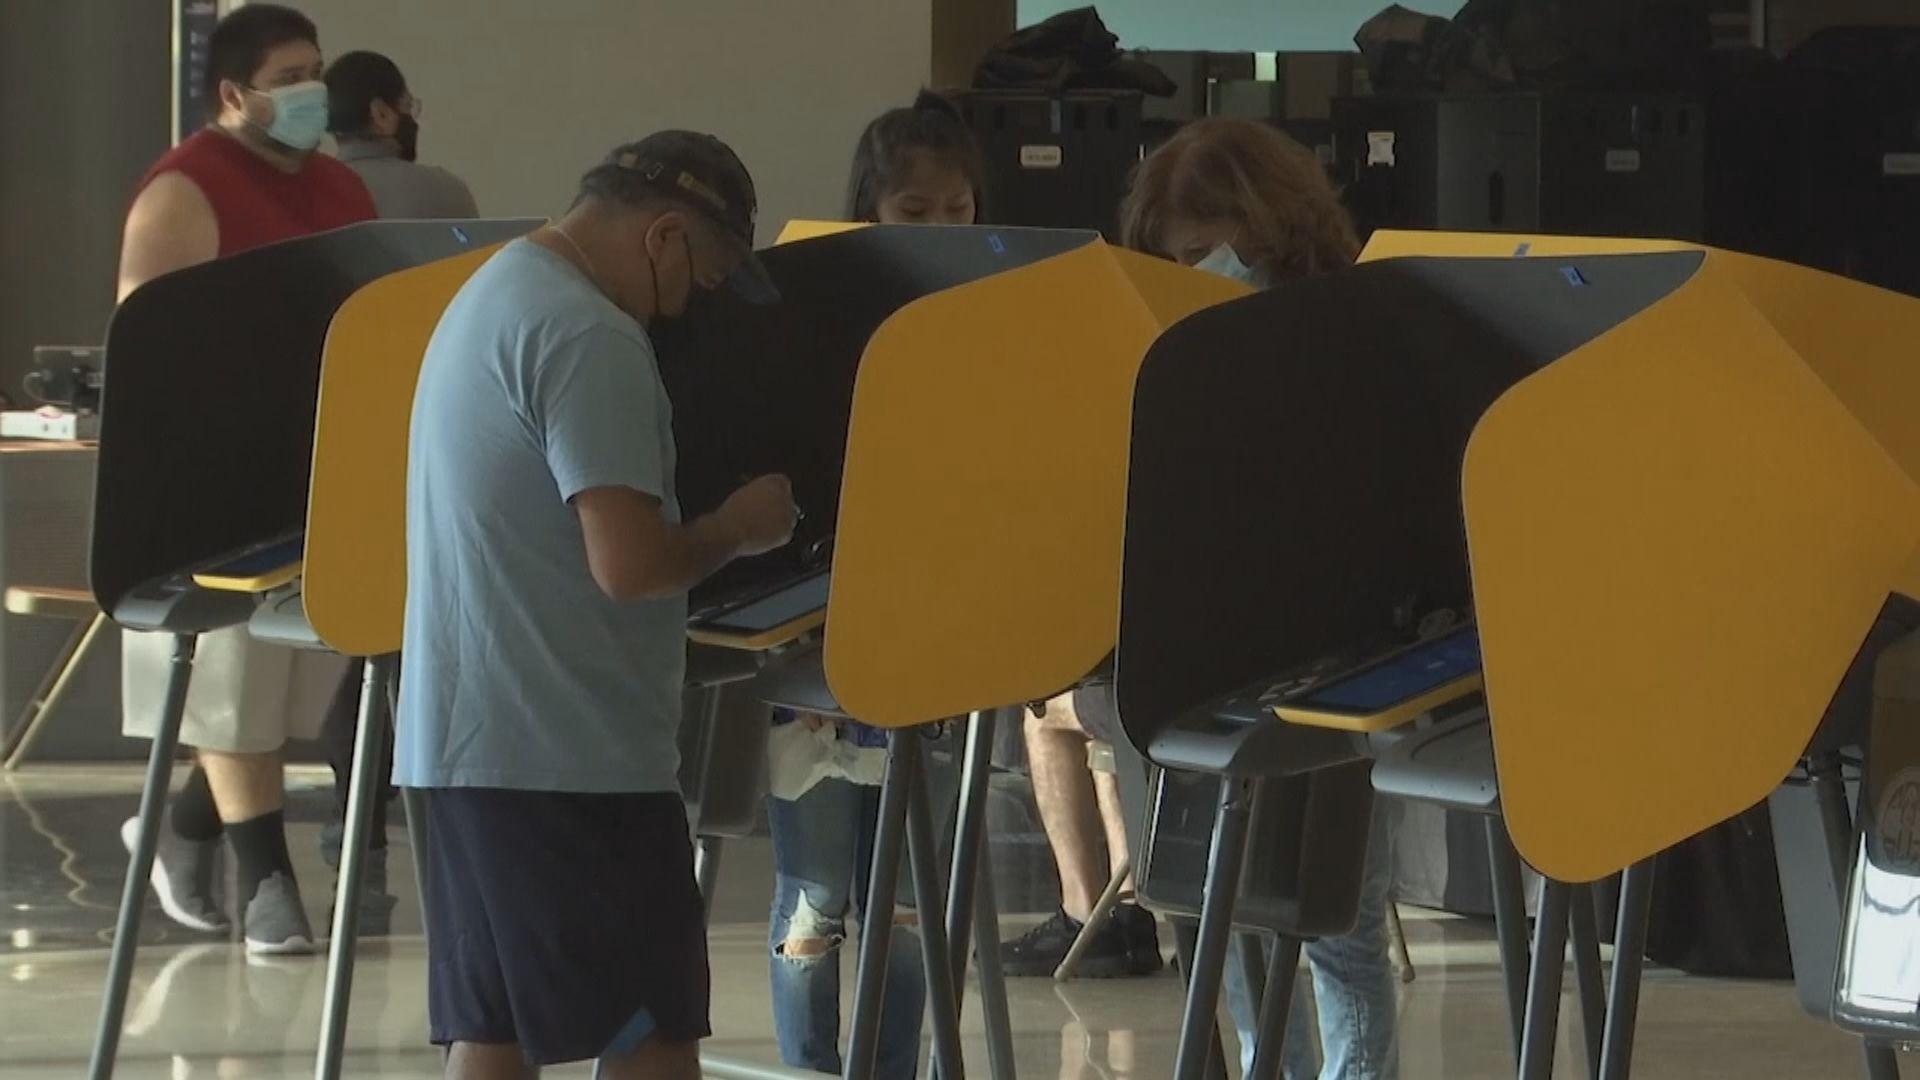 全美已有近億選民提早投票 相當上屆投票總數七成